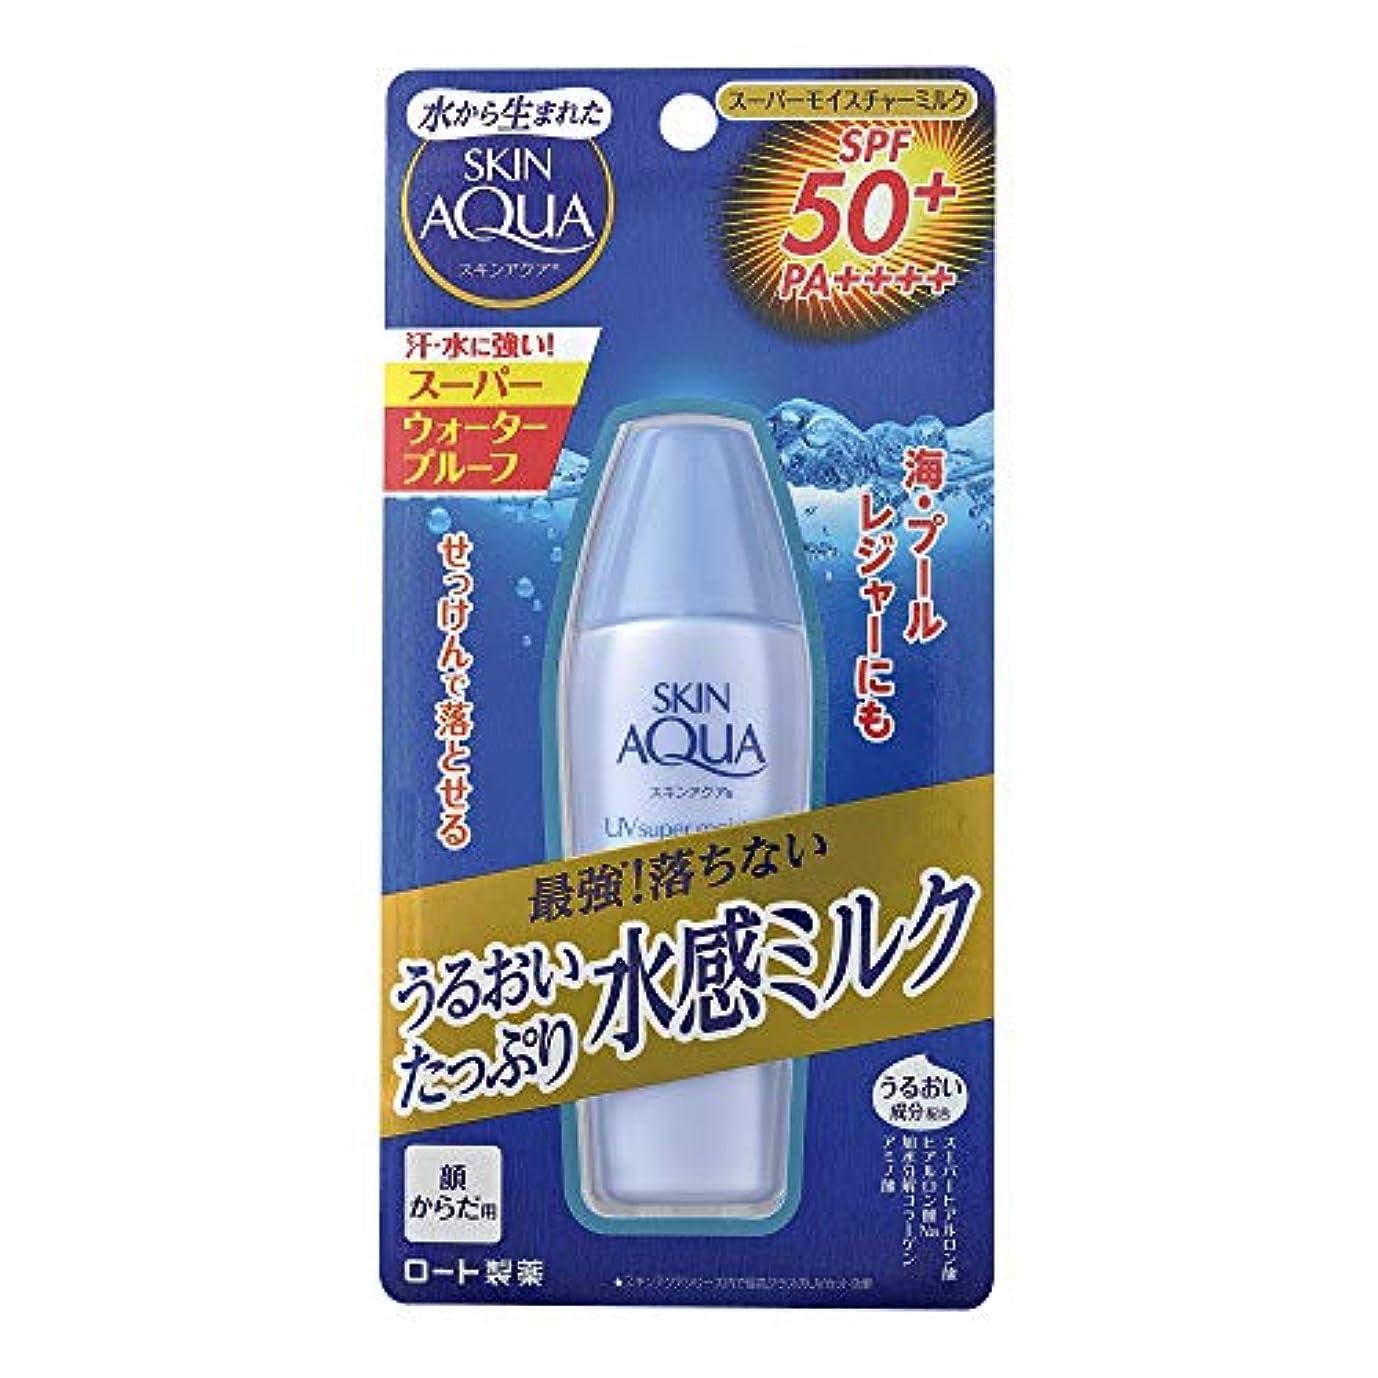 辛な答え期待するスキンアクア (SKIN AQUA) 日焼け止め スーパーモイスチャーミルク 潤い成分4種配合 水感ミルク (SPF50 PA++++) 40mL ※スーパーウォータープルーフ